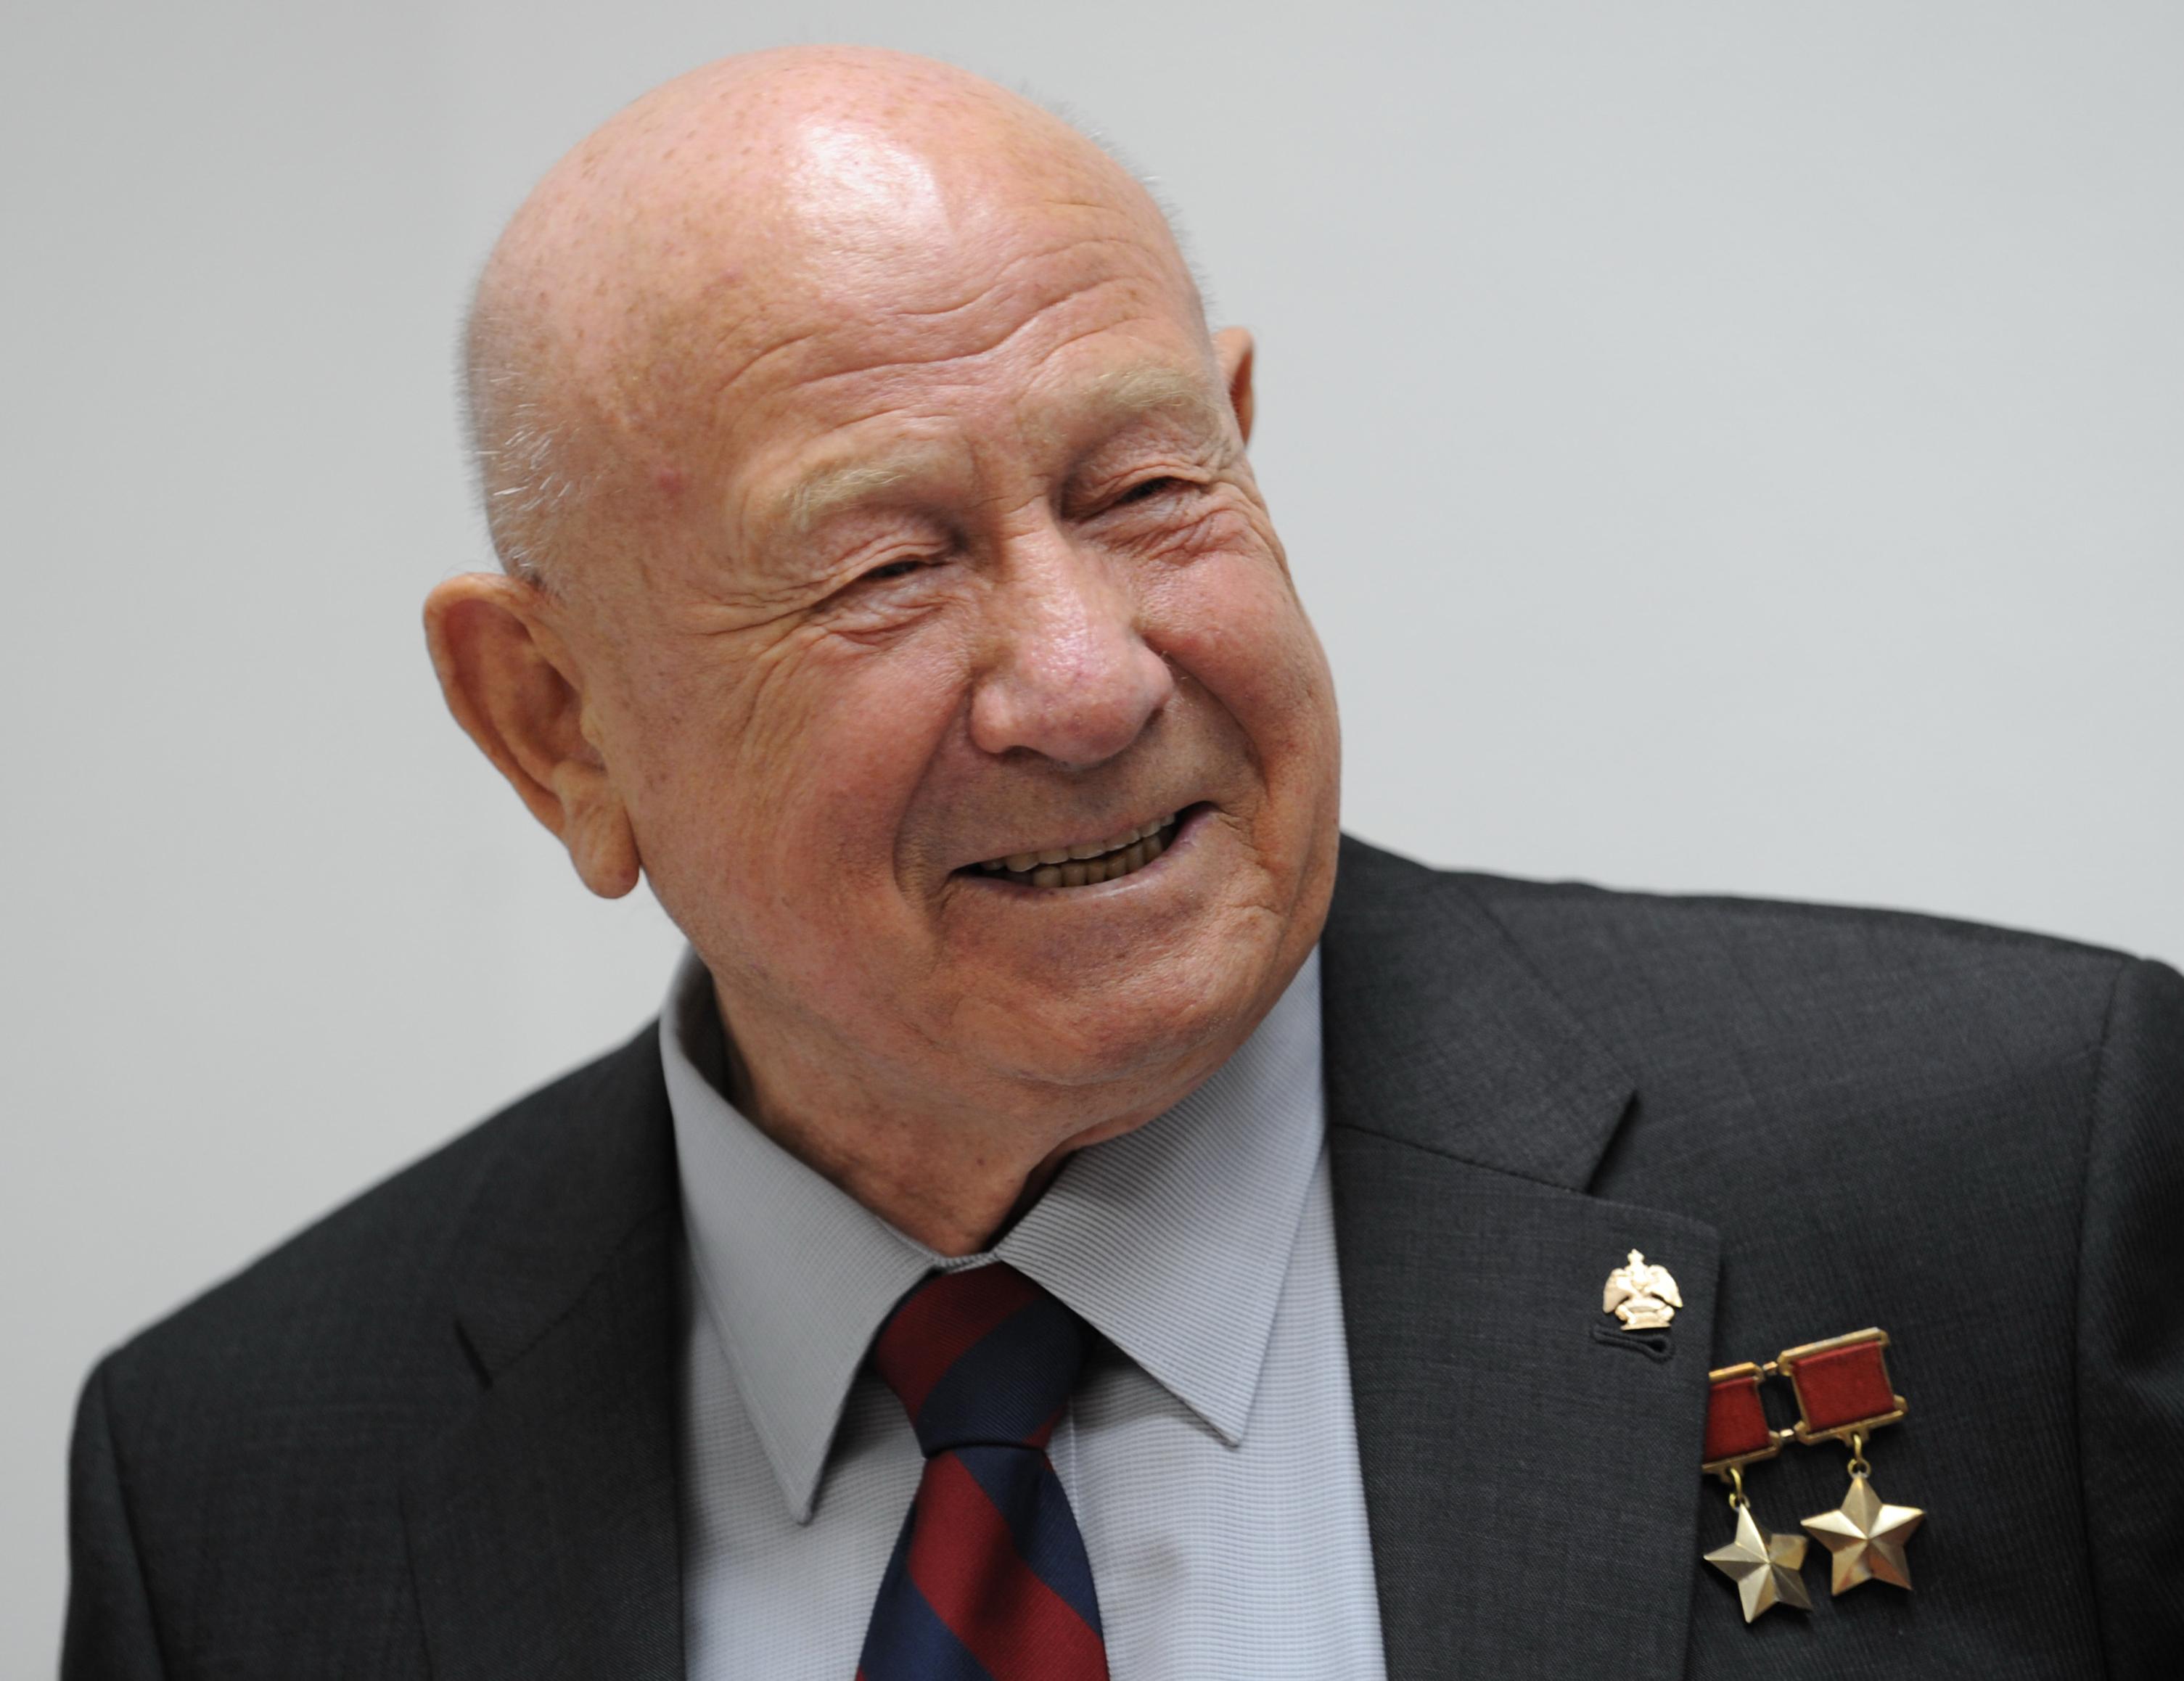 Meghalt Alekszej Leonov, az első űrhajós, aki kilépett a világűrbe